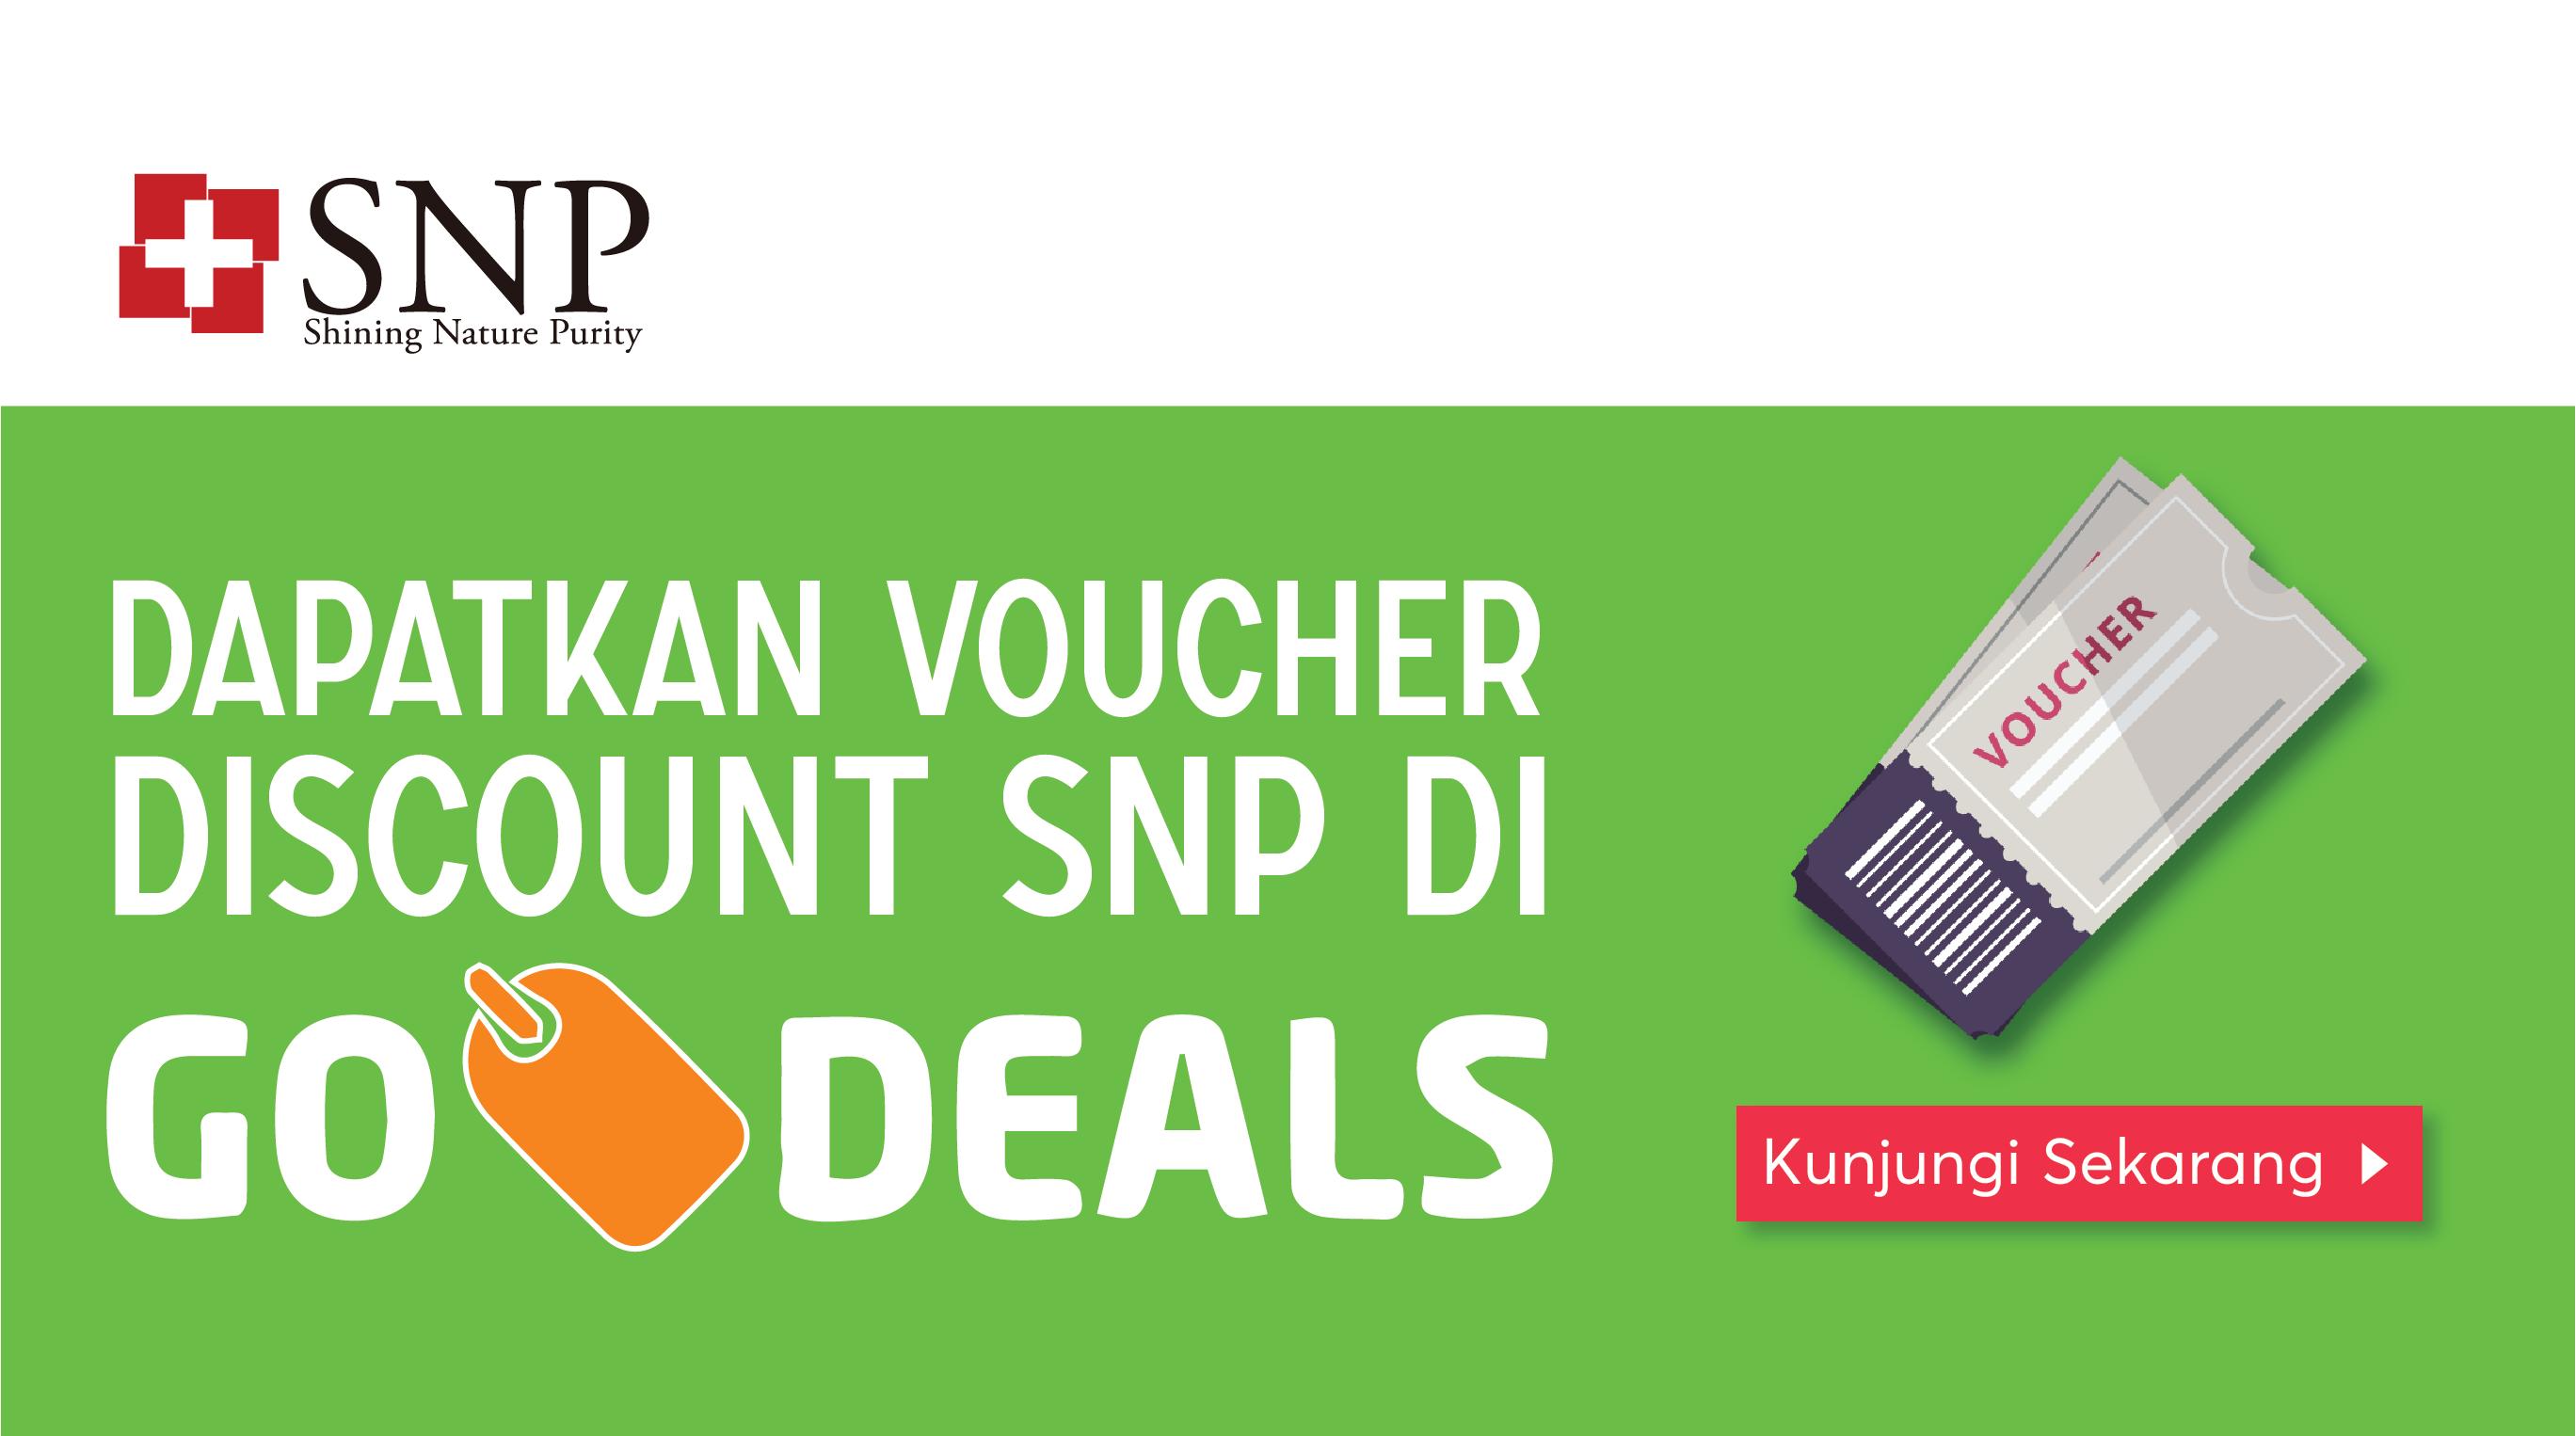 SNP Voucher offers di Go Deals bulan Juni